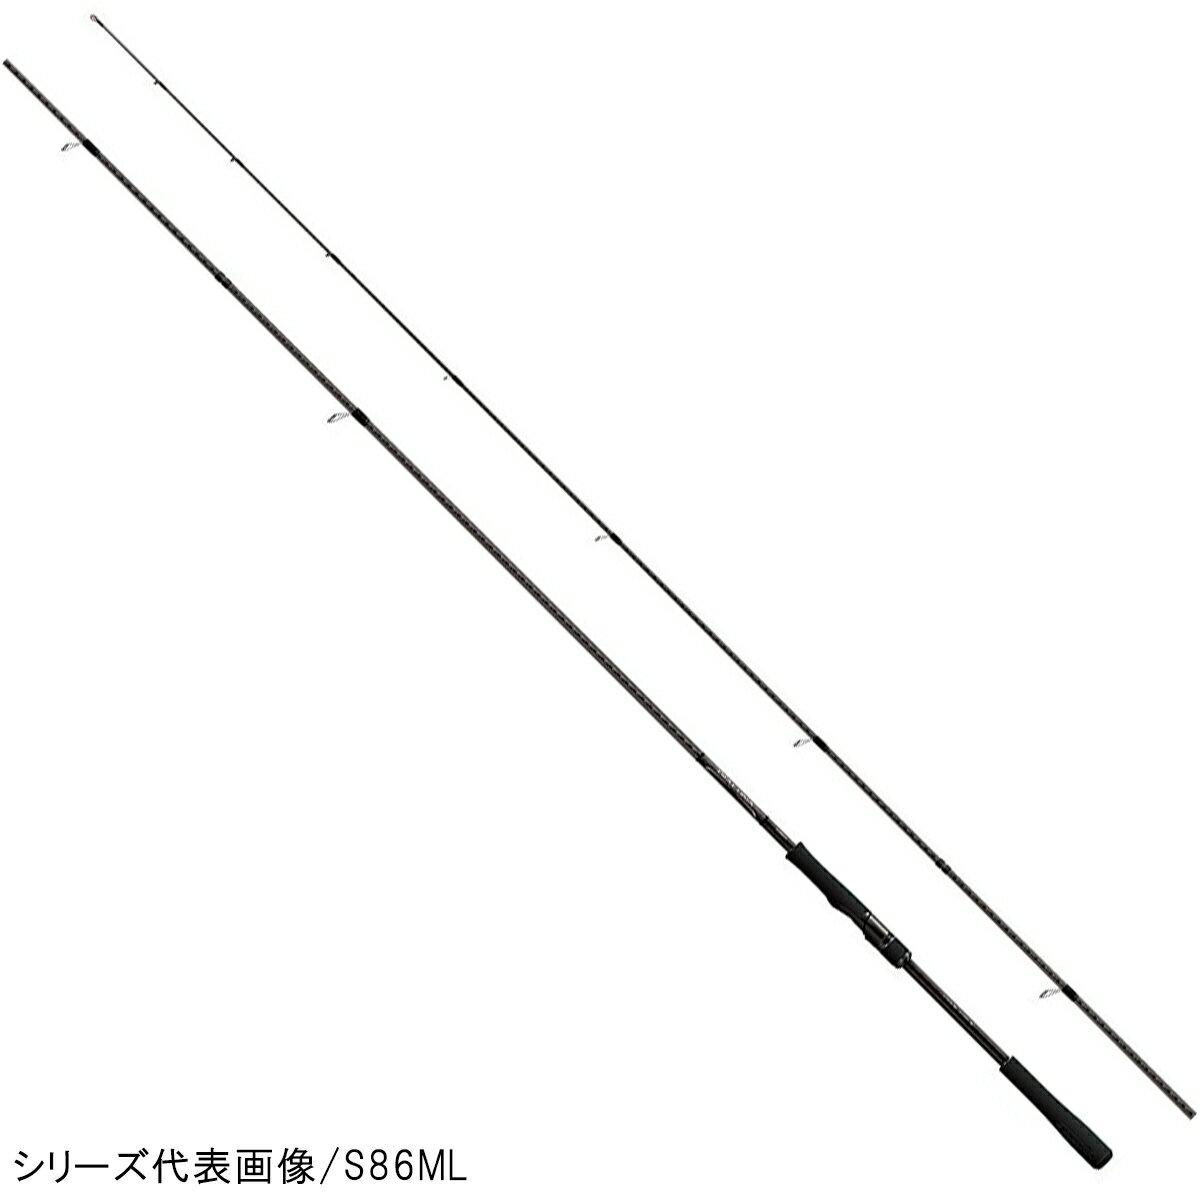 シマノ ディアルーナ (スピニング) S96ML